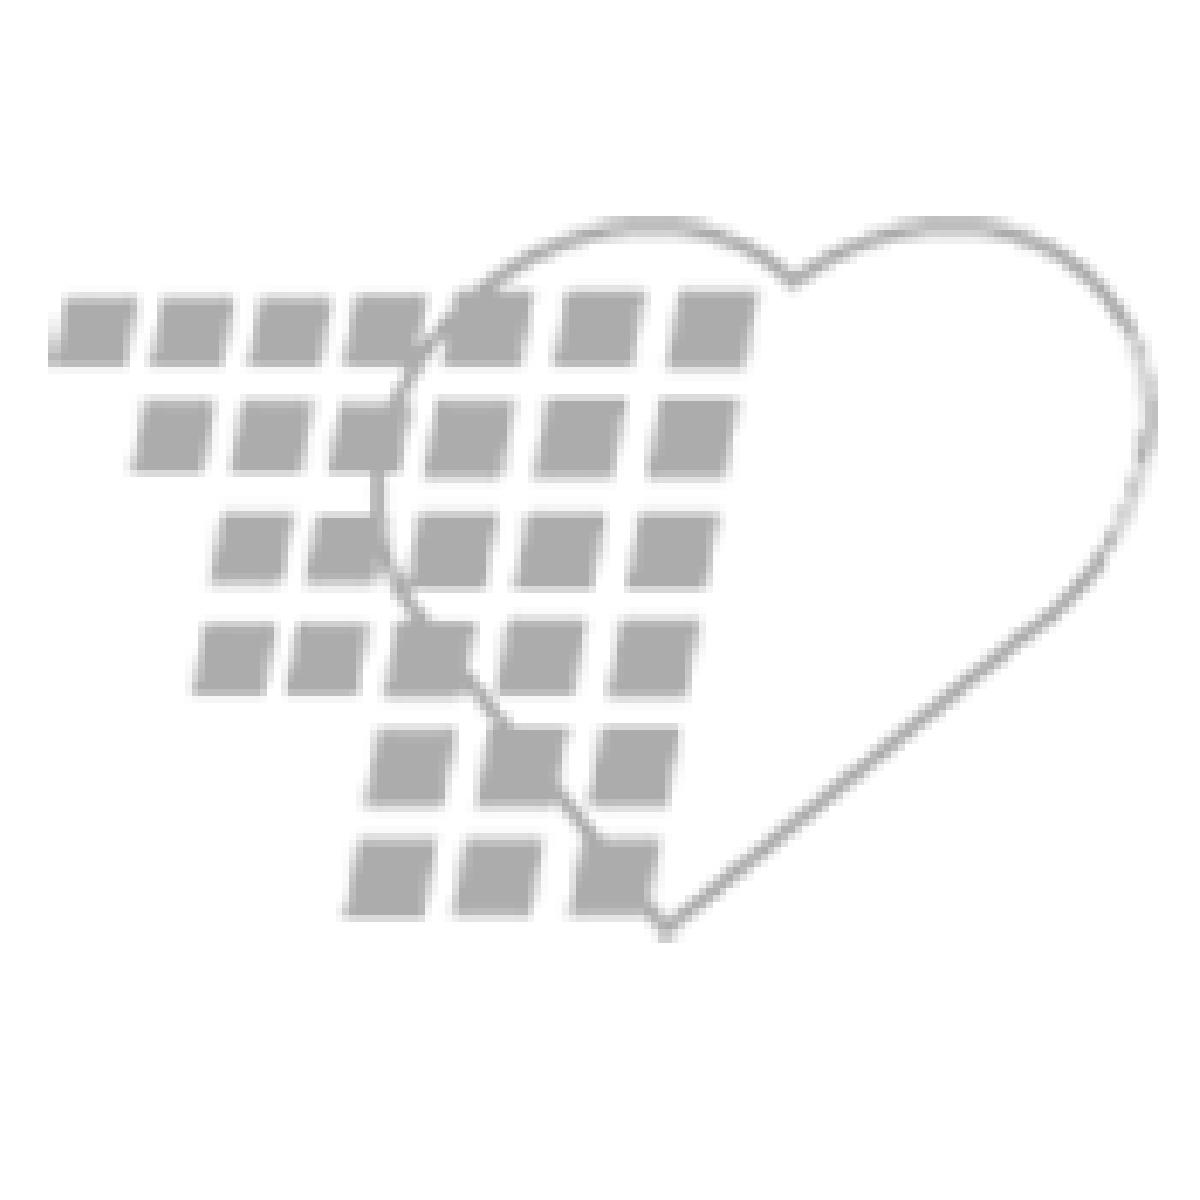 06-93-3542 Demo Dose® Oral Foil Sample Pack